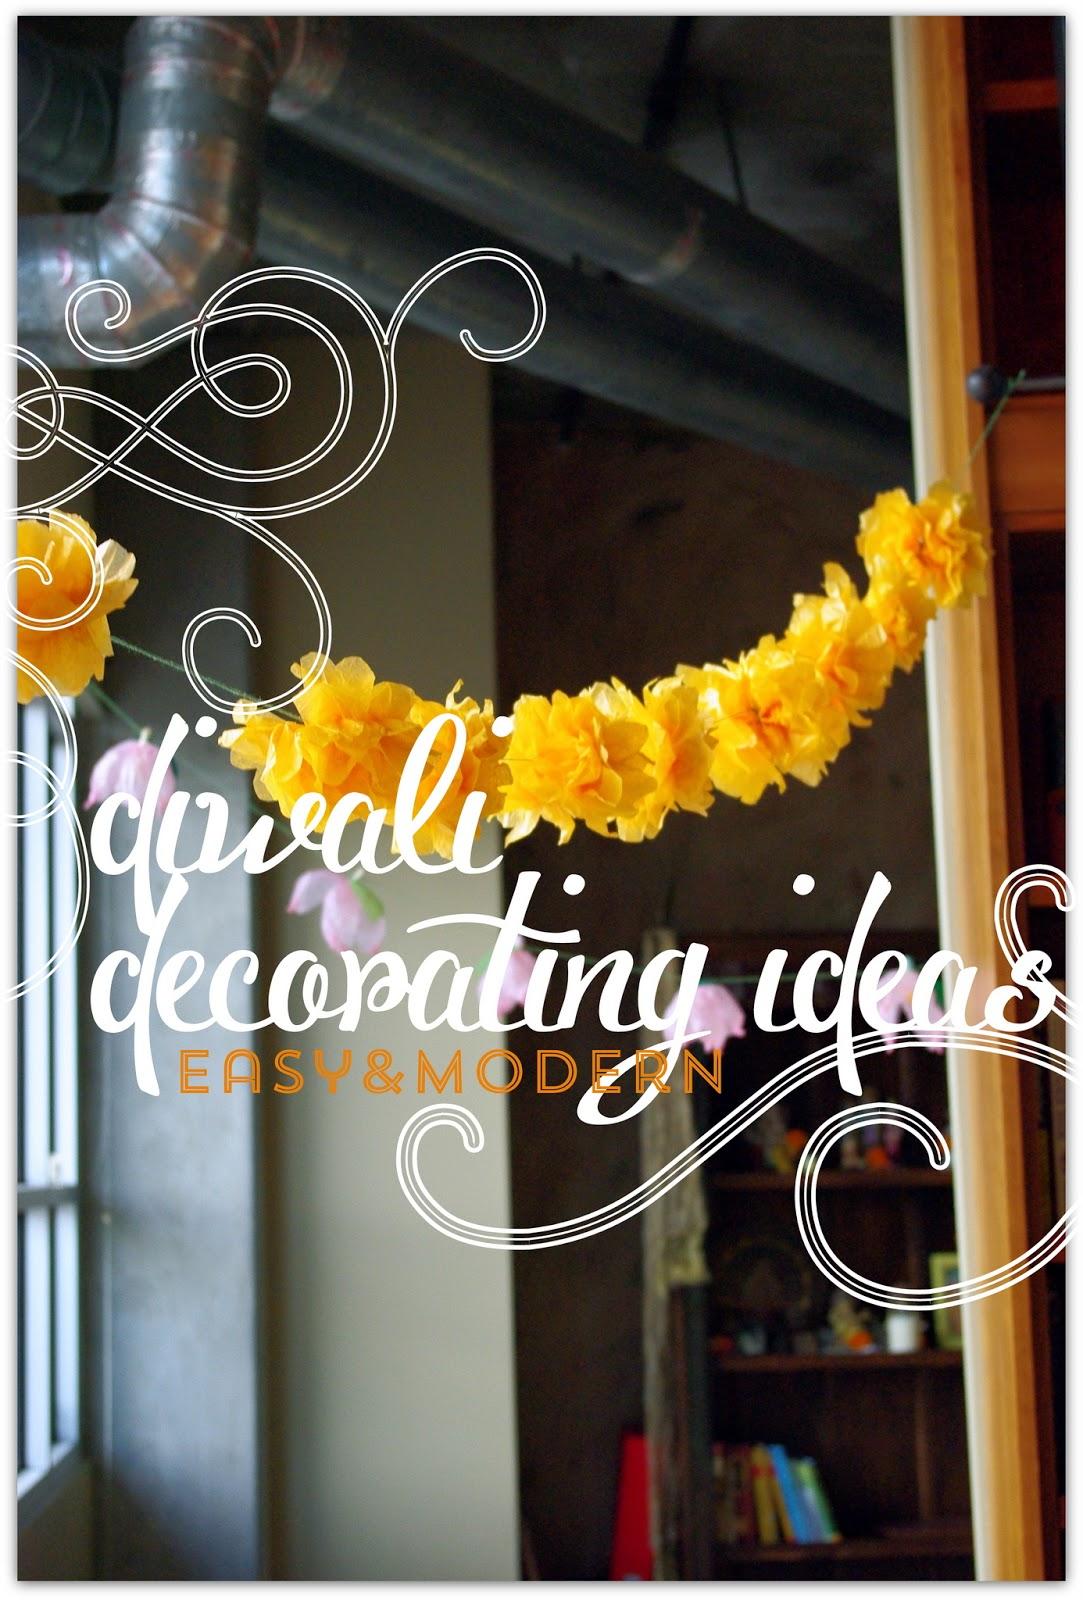 Diwali Decorating Ideas | Easyu0026Modern & Rainbow Scrapbooks: Diwali Decorating Ideas | Easyu0026Modern